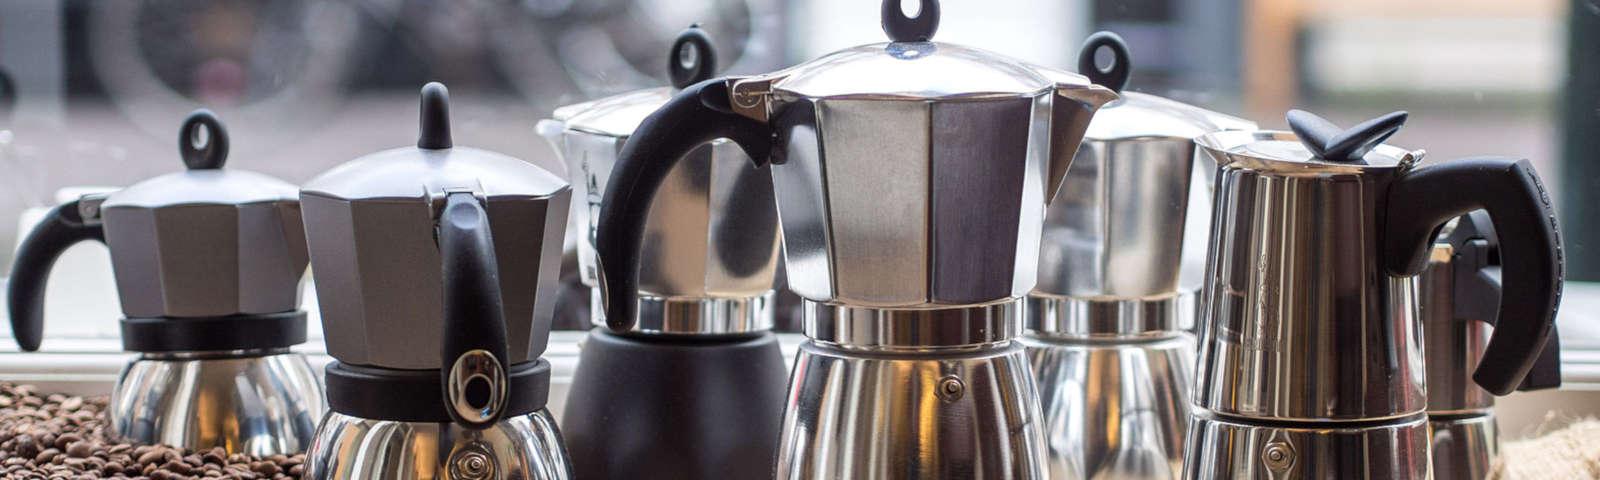 гейзерные кофеварки фото